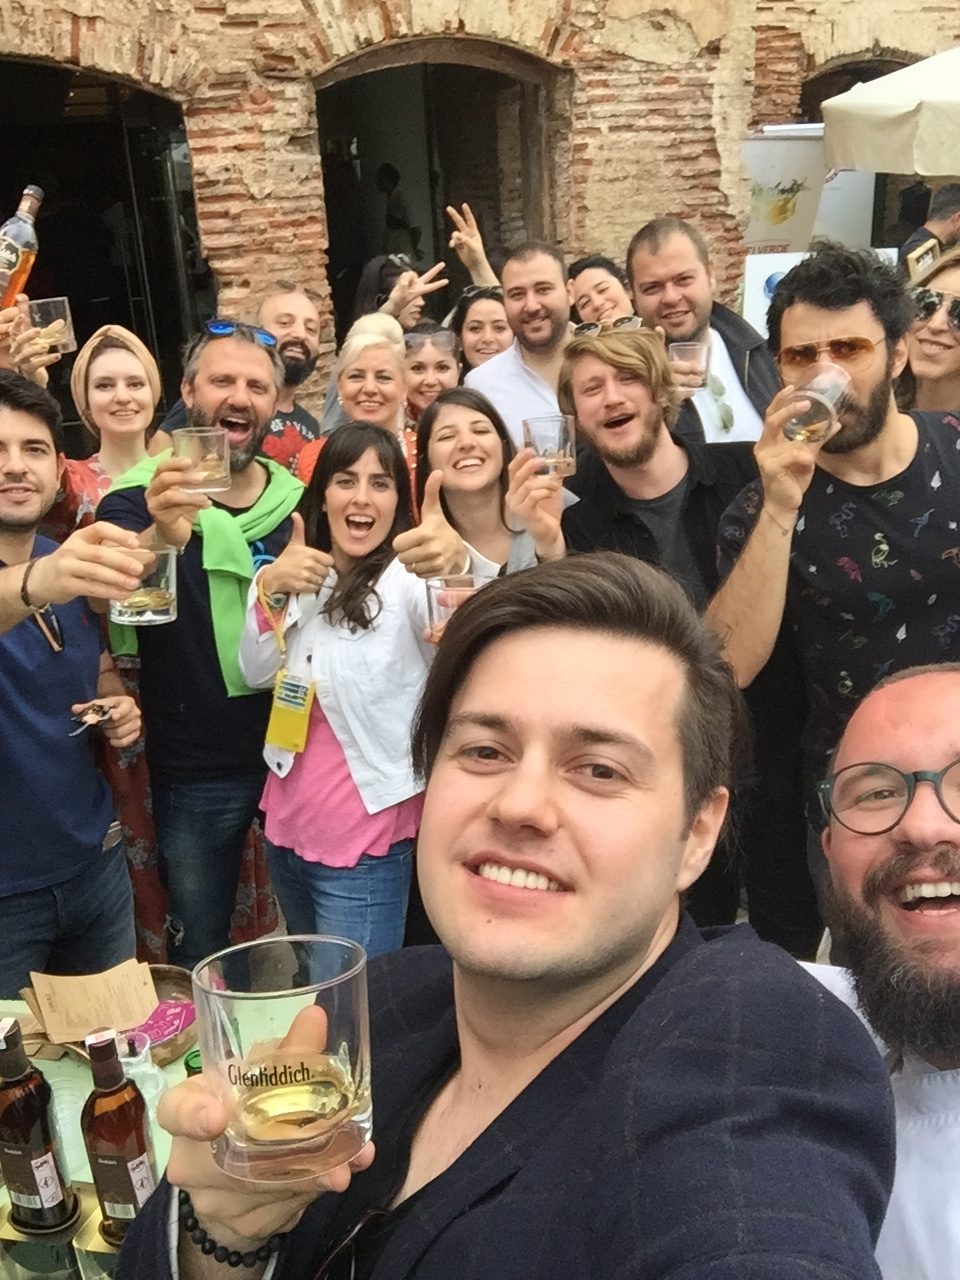 Glenfiddic 15 Selfie